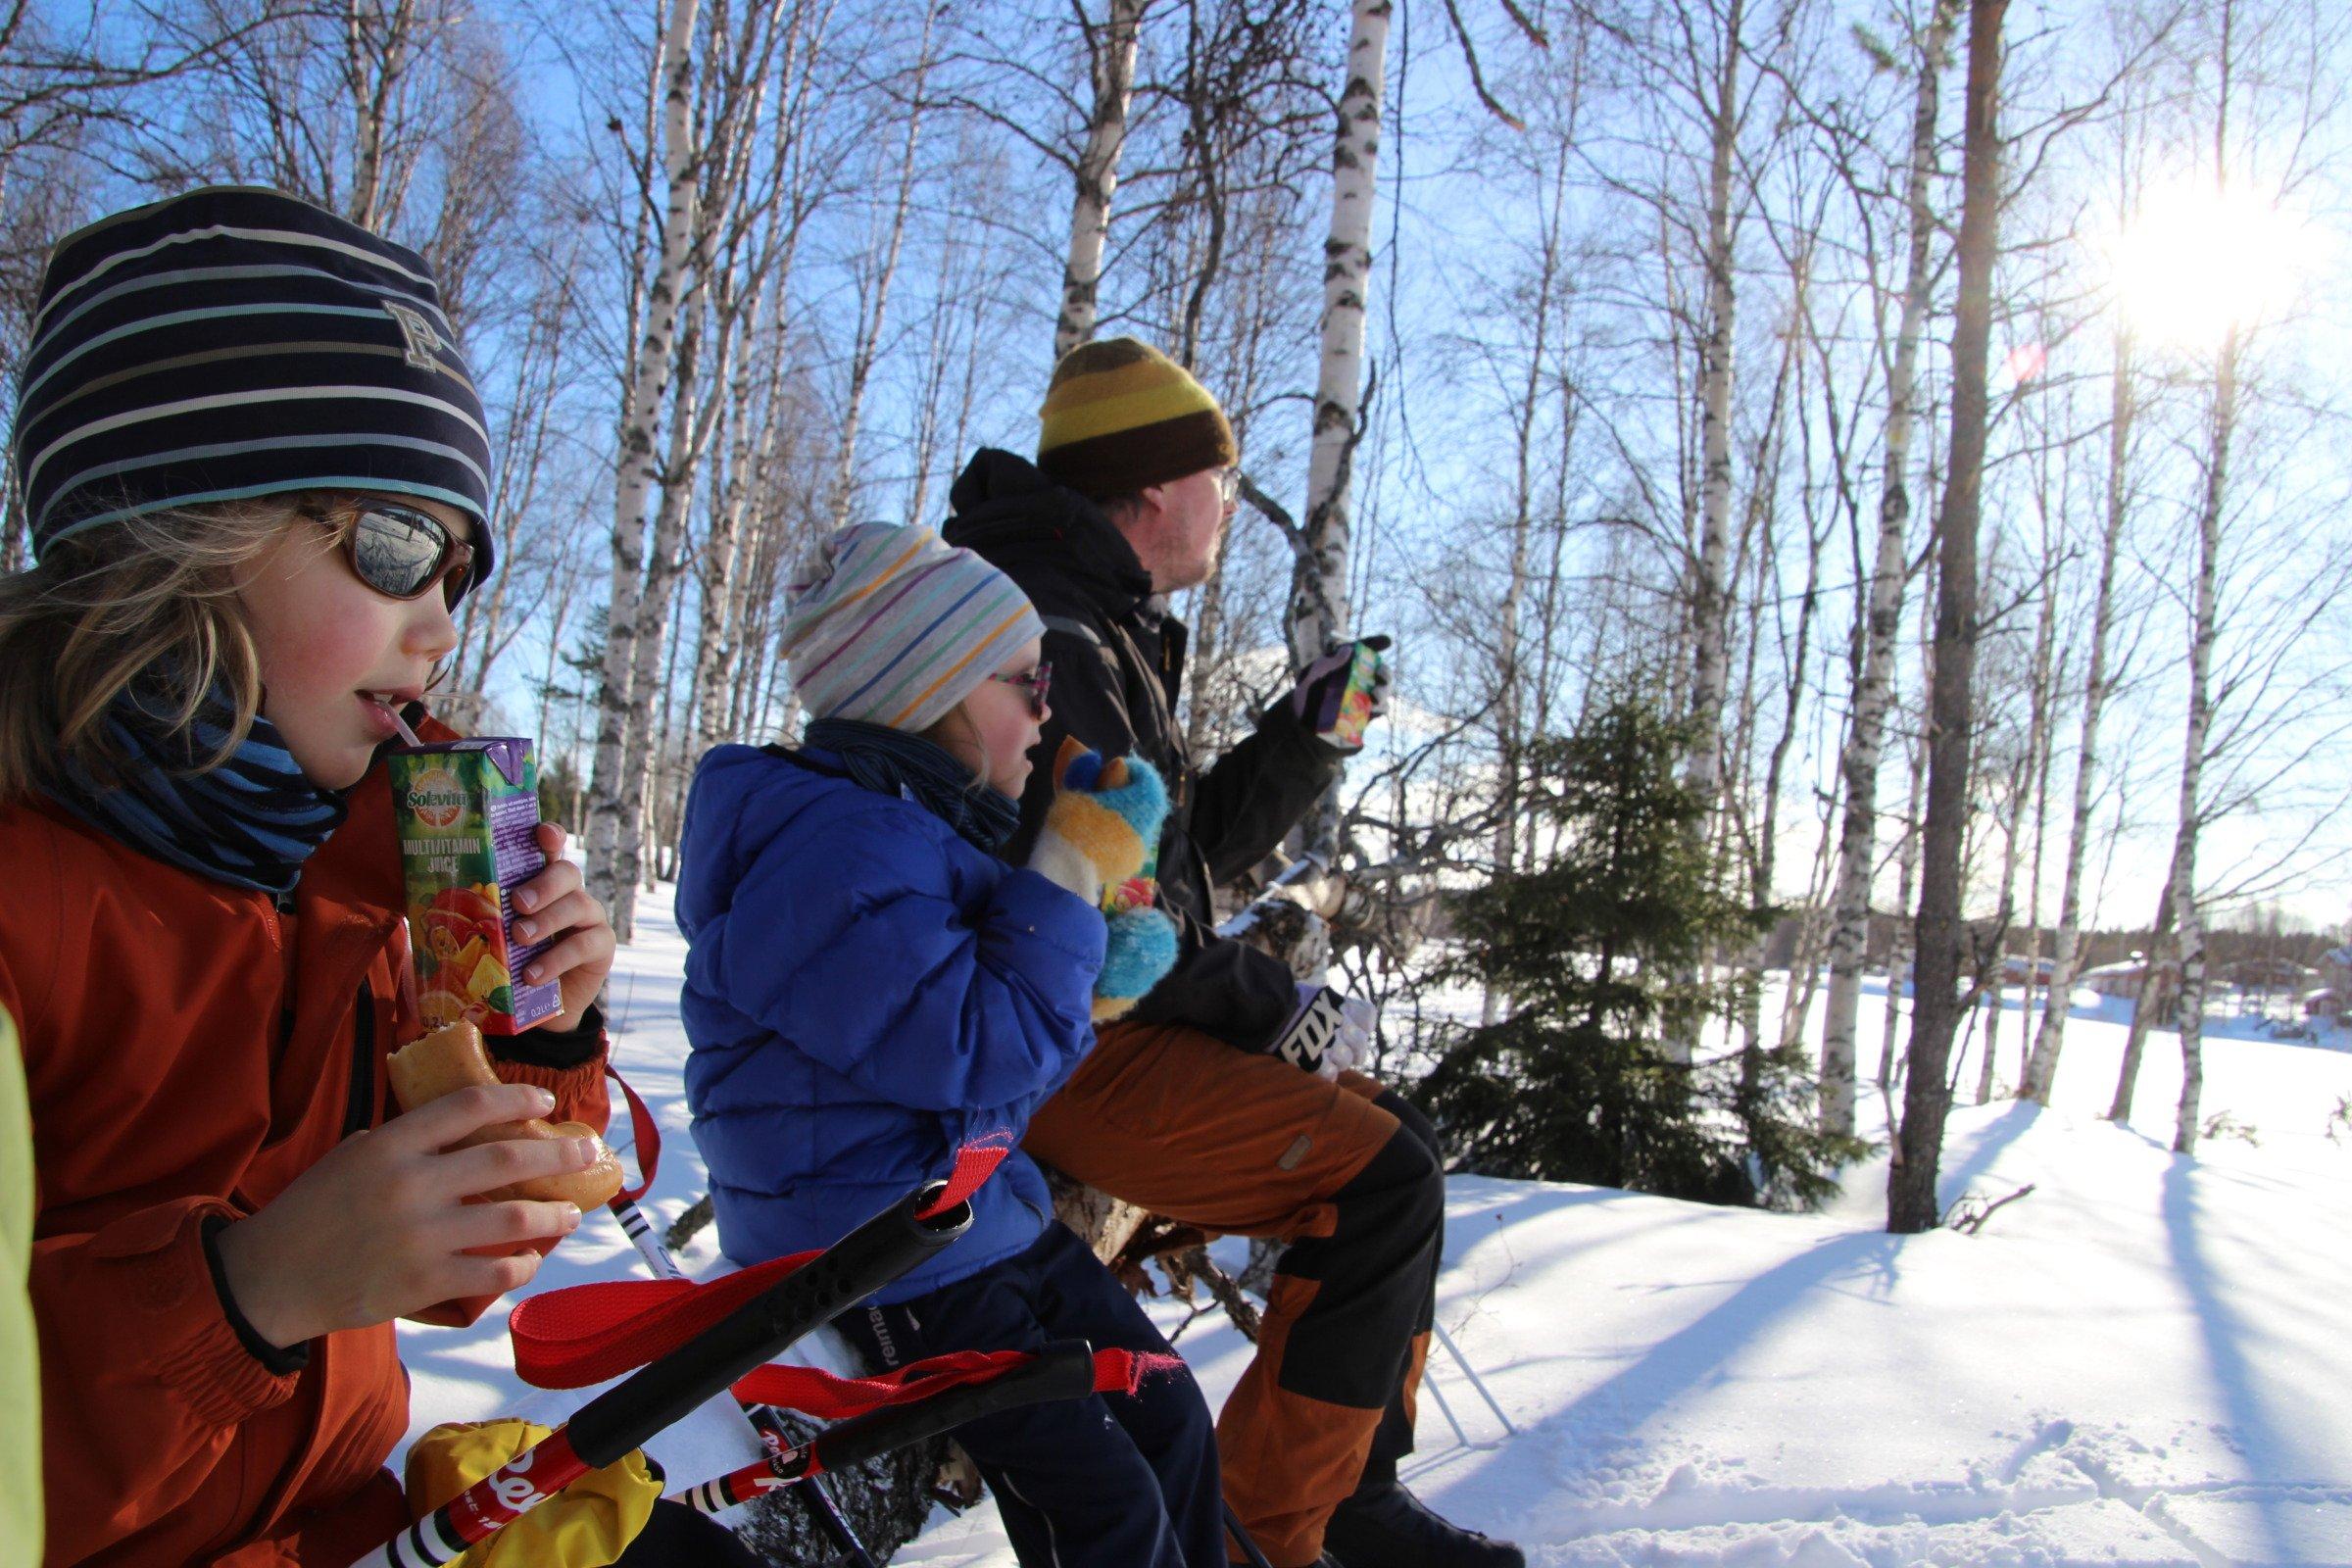 Hiihtoretken evästauko Pikkukuusisaaressa Nivankylässä (c) Piia Juntunen-Laakso 2020